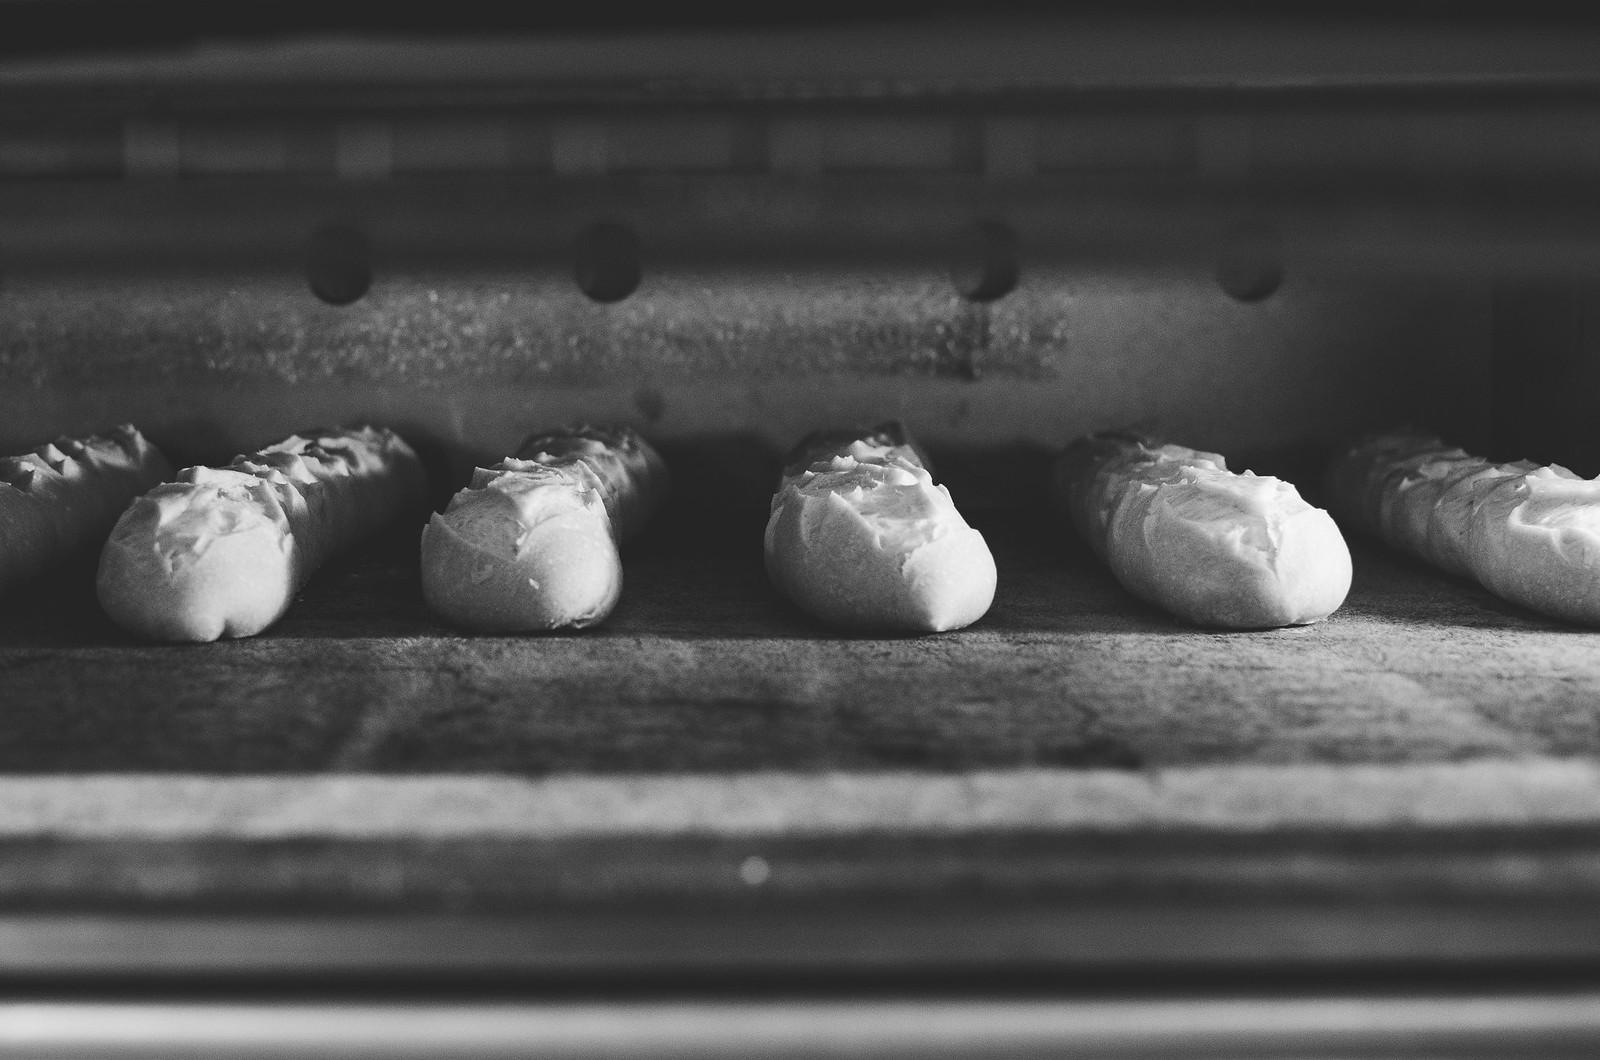 Pâtisserie Boulay